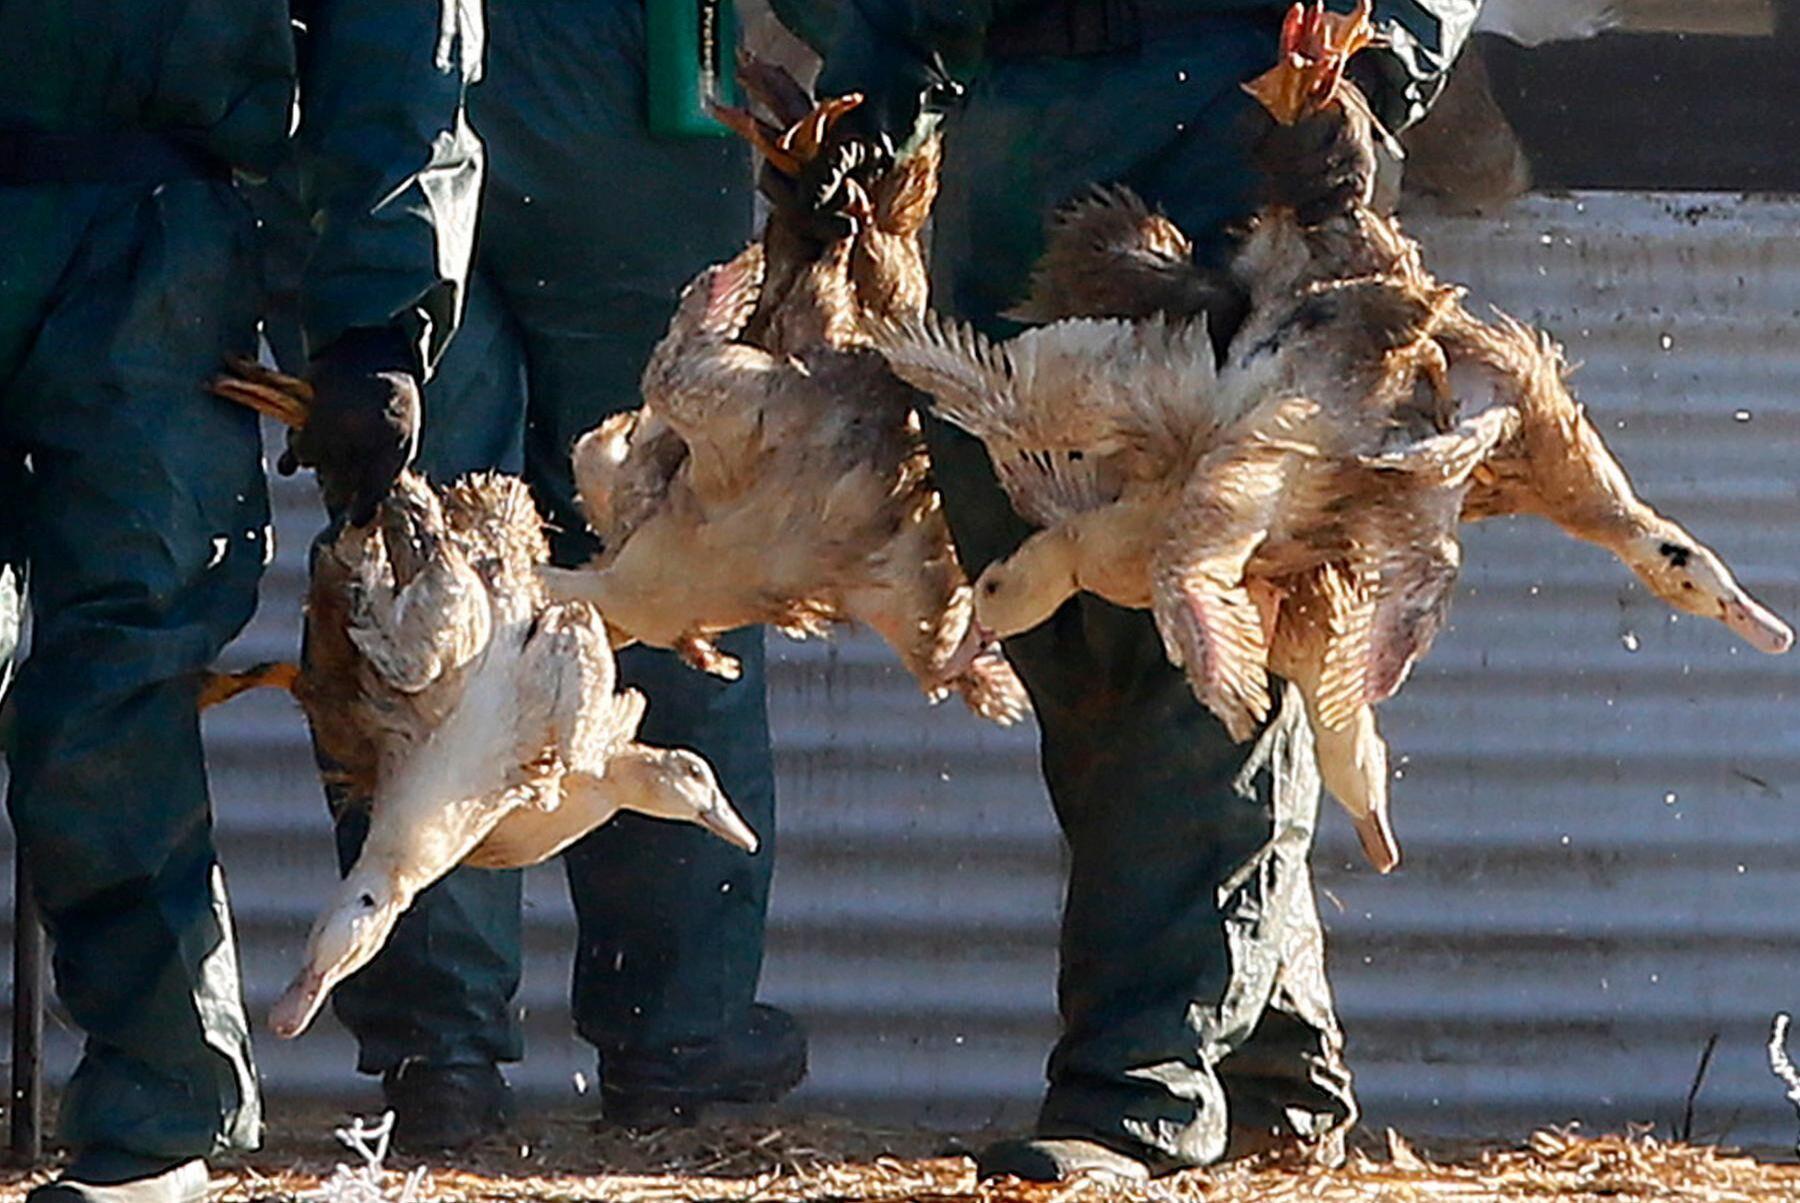 Ankor avlivas i Frankrike för att få stopp på spridningen av en smittsam fågelinfluensa. Arkivbild från en fransk gård vid ett liknande utbrott år 2017.